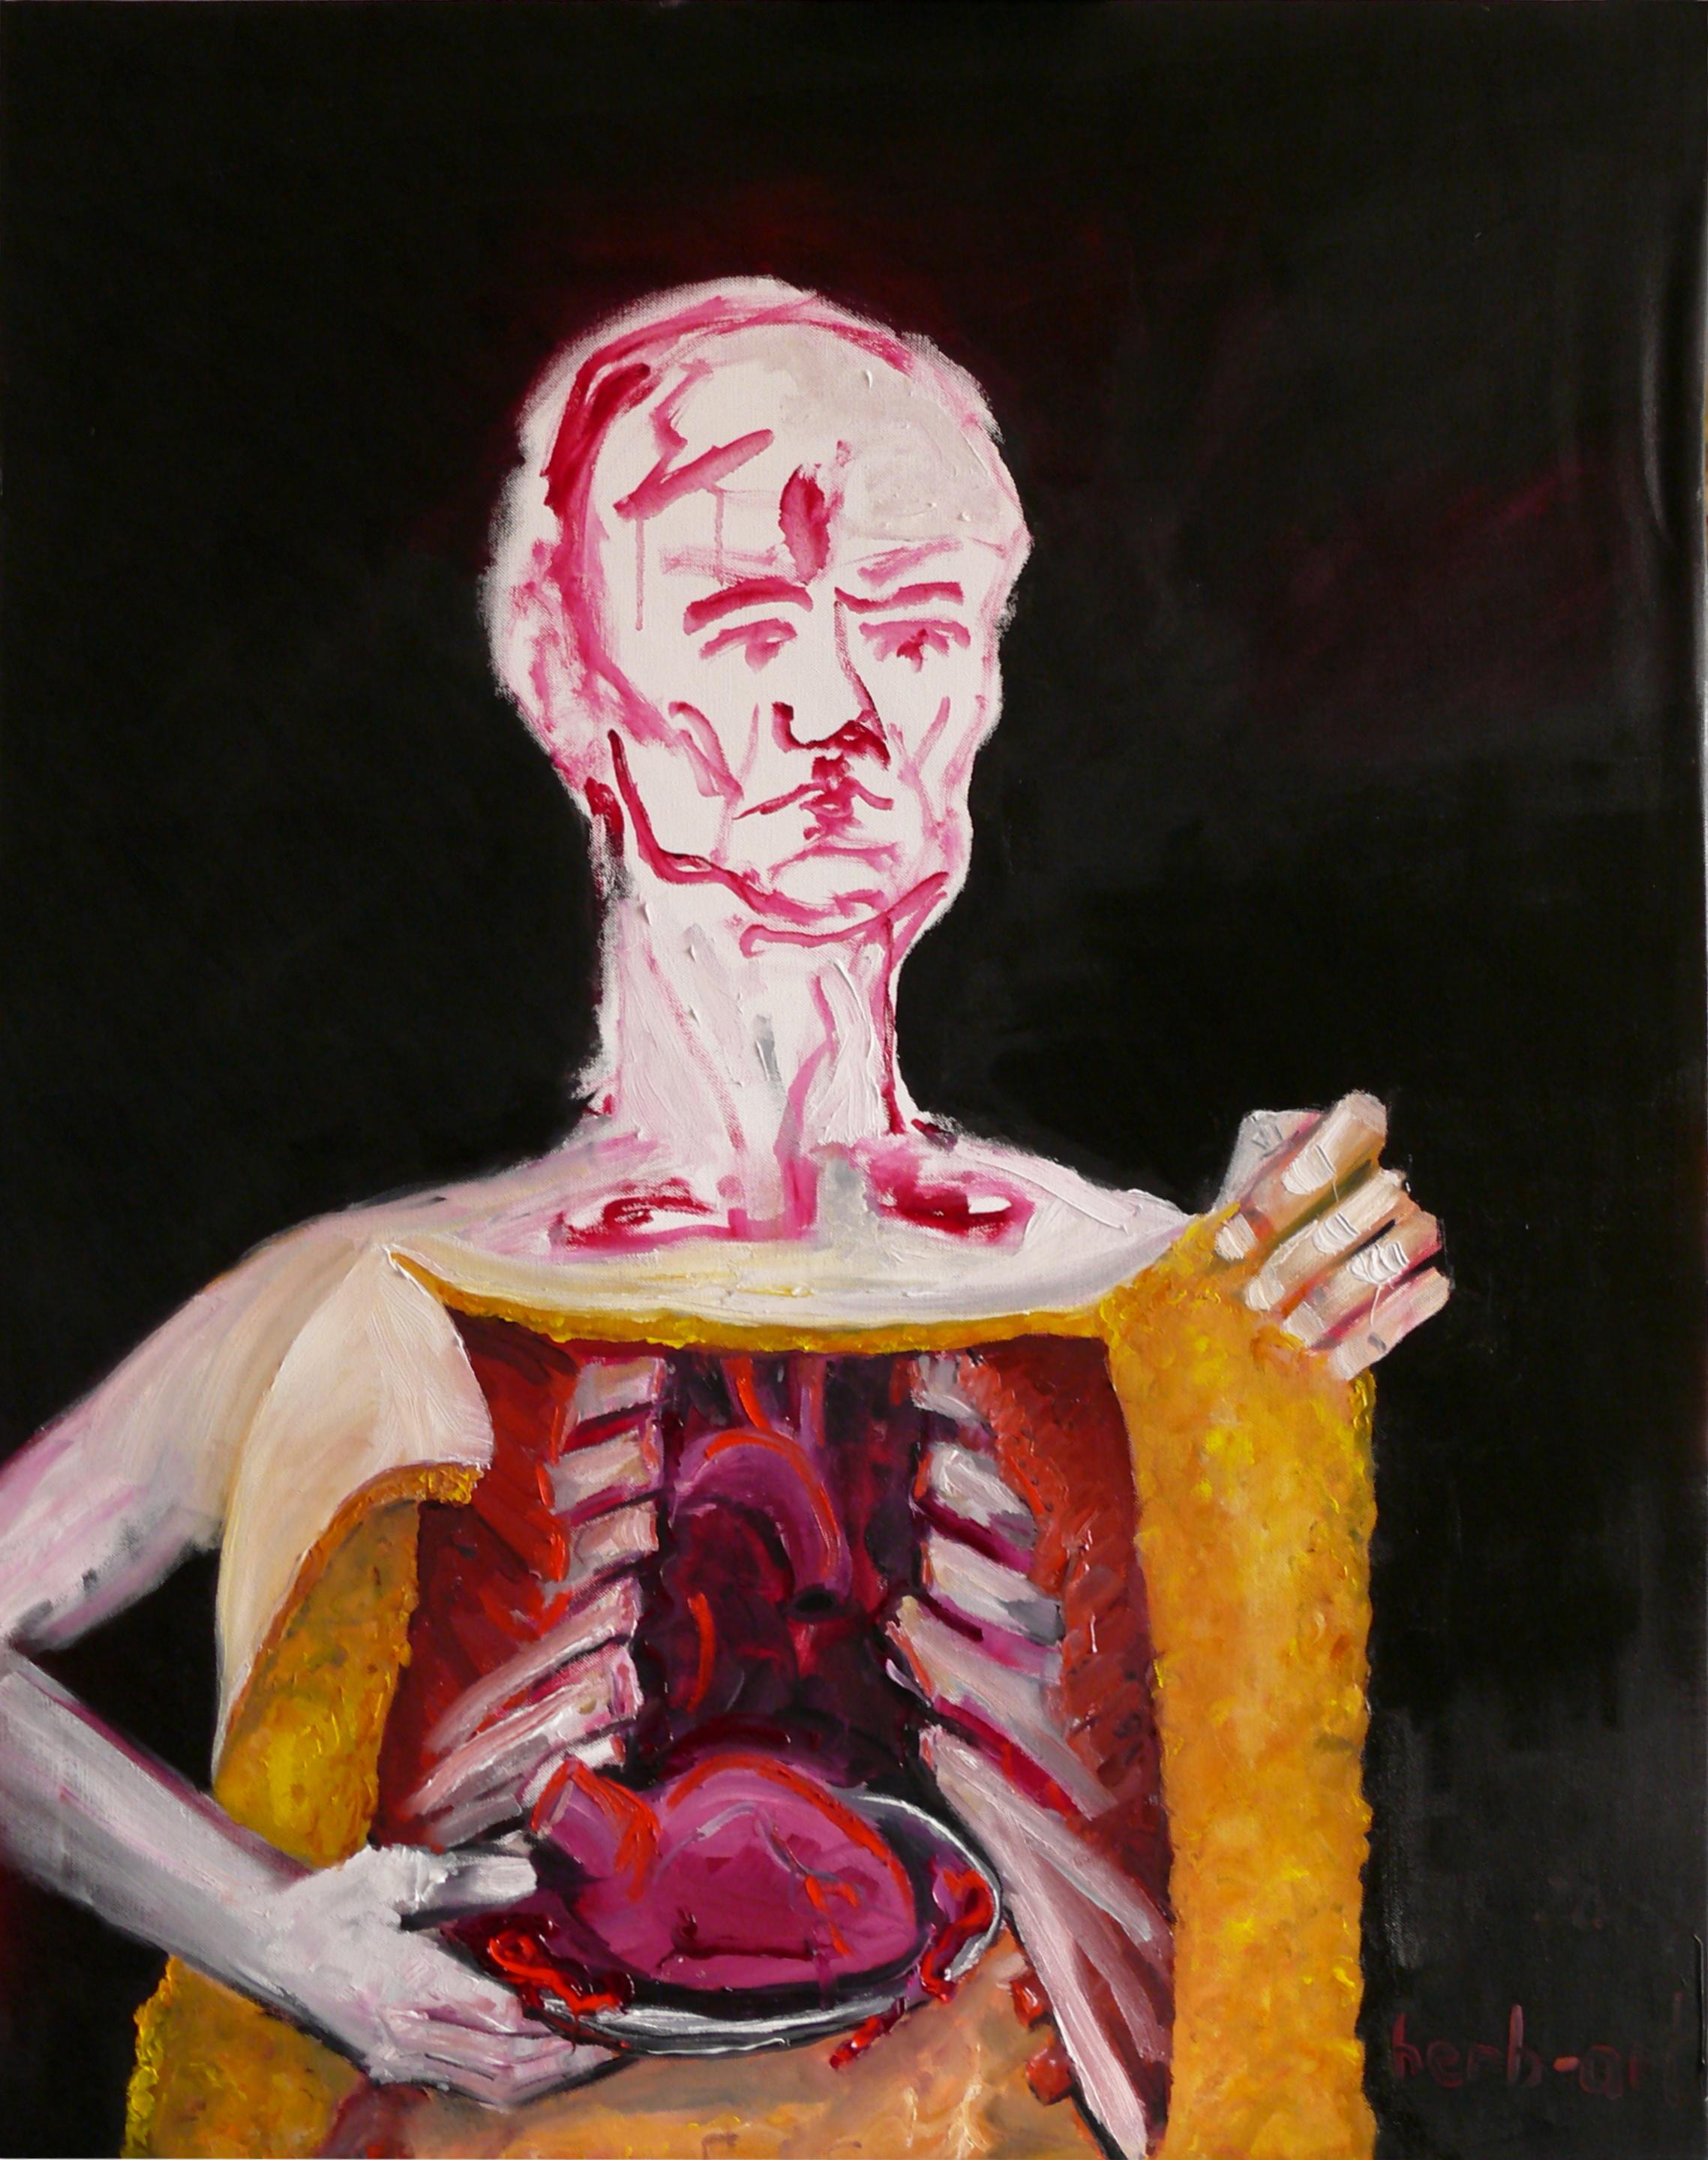 Organspende - Selbstportrait